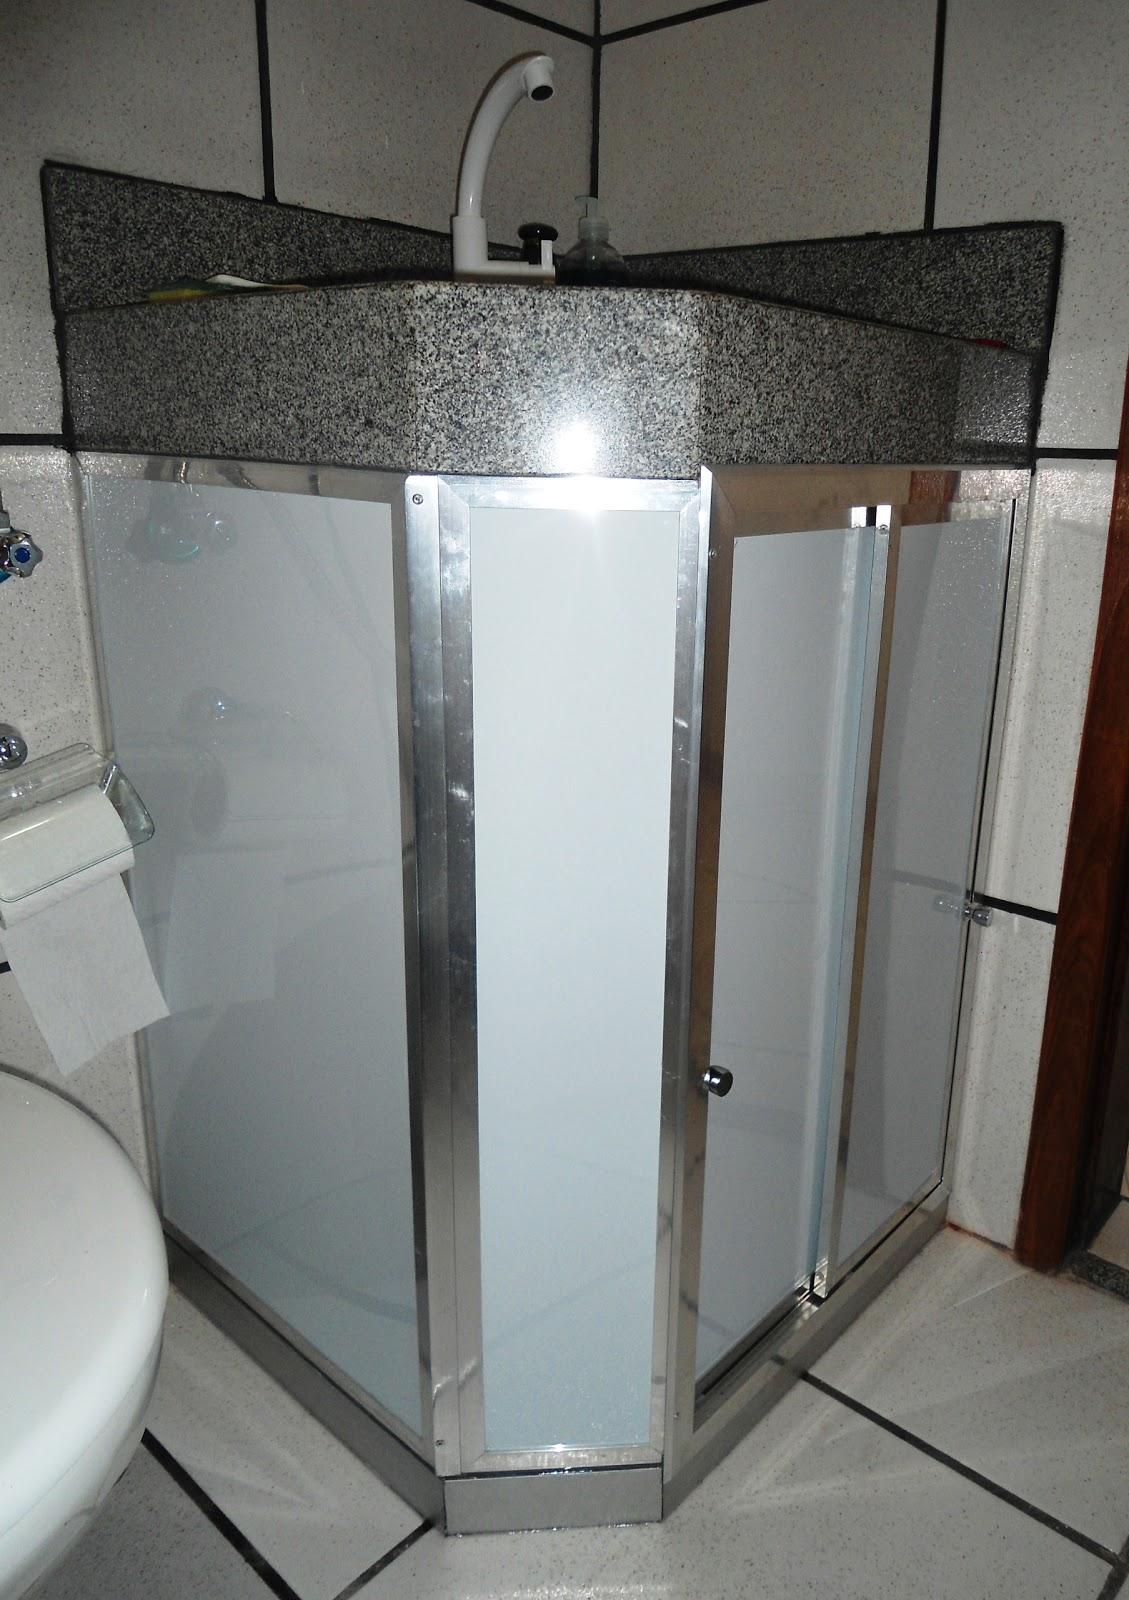 LR vidros temperado: Fechamento de pia de banheiro. #596E72 1129 1600